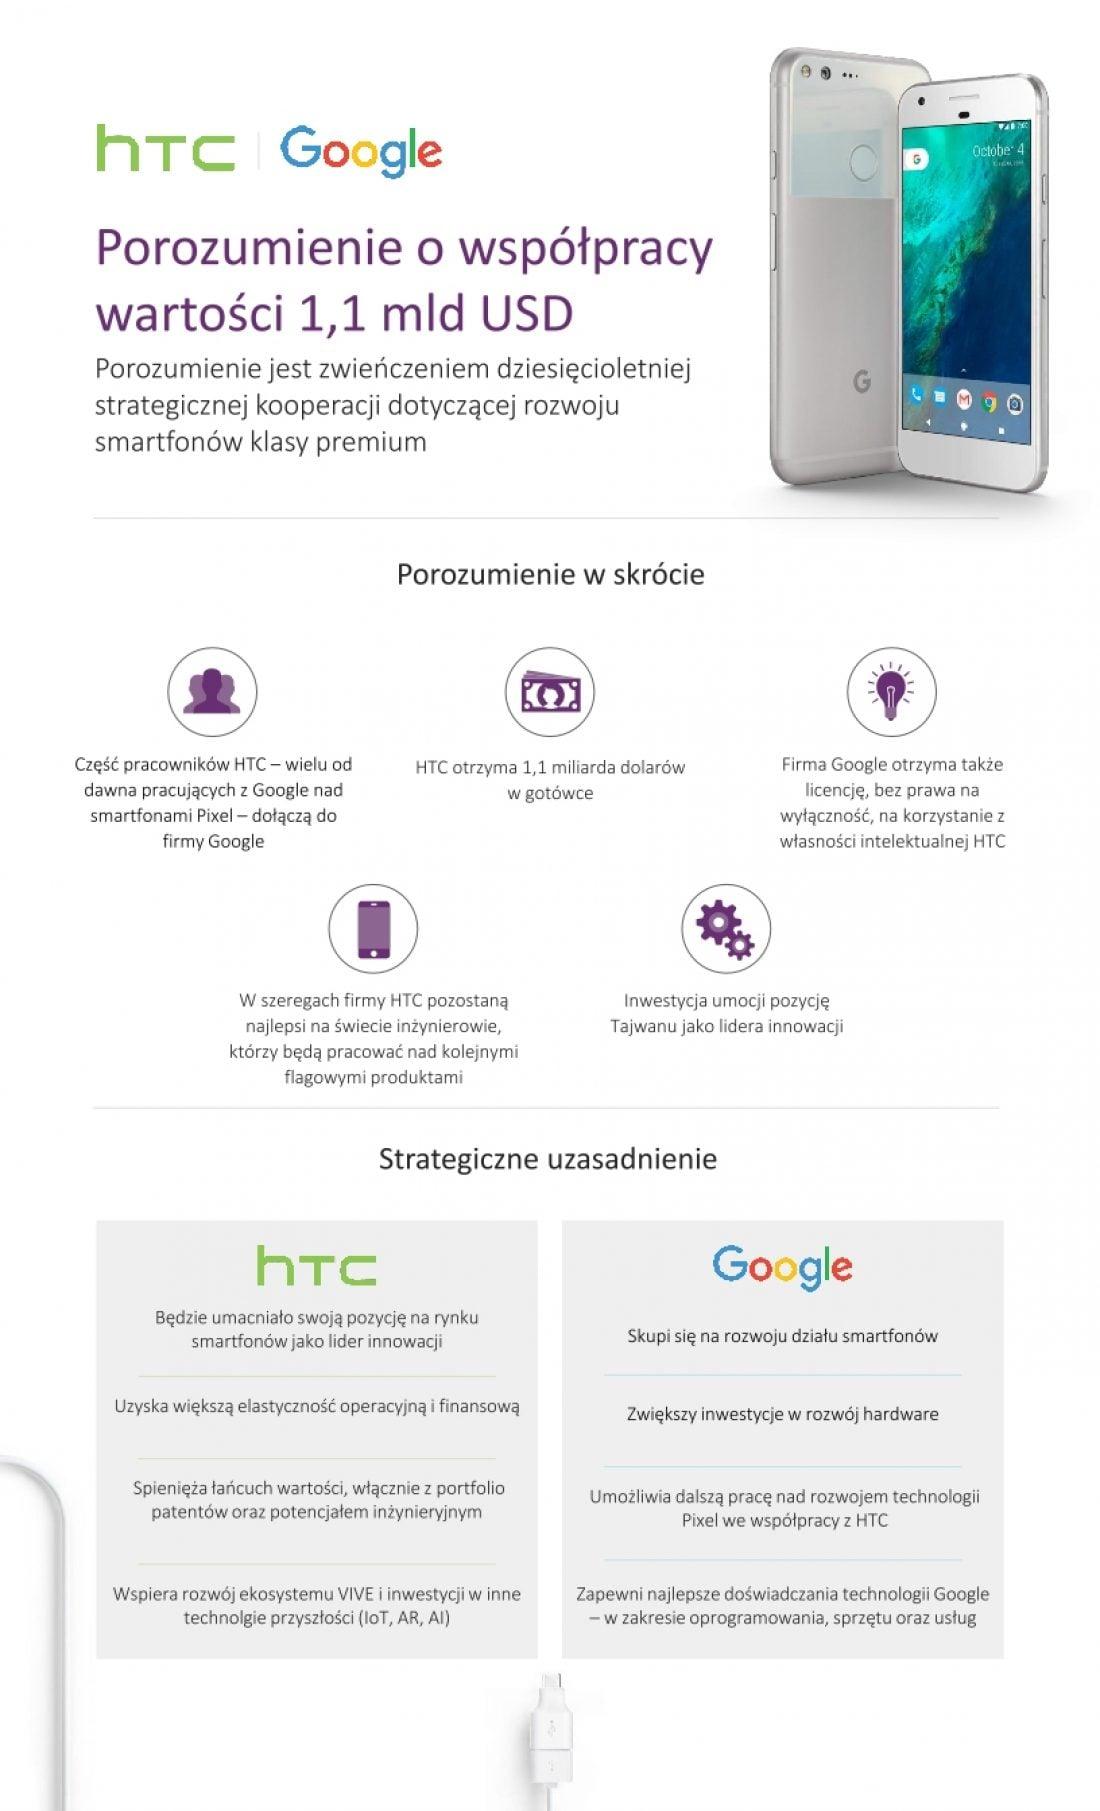 Google przedłuża agonię HTC. Czy firma może wrócić do formy sprzed lat? 5